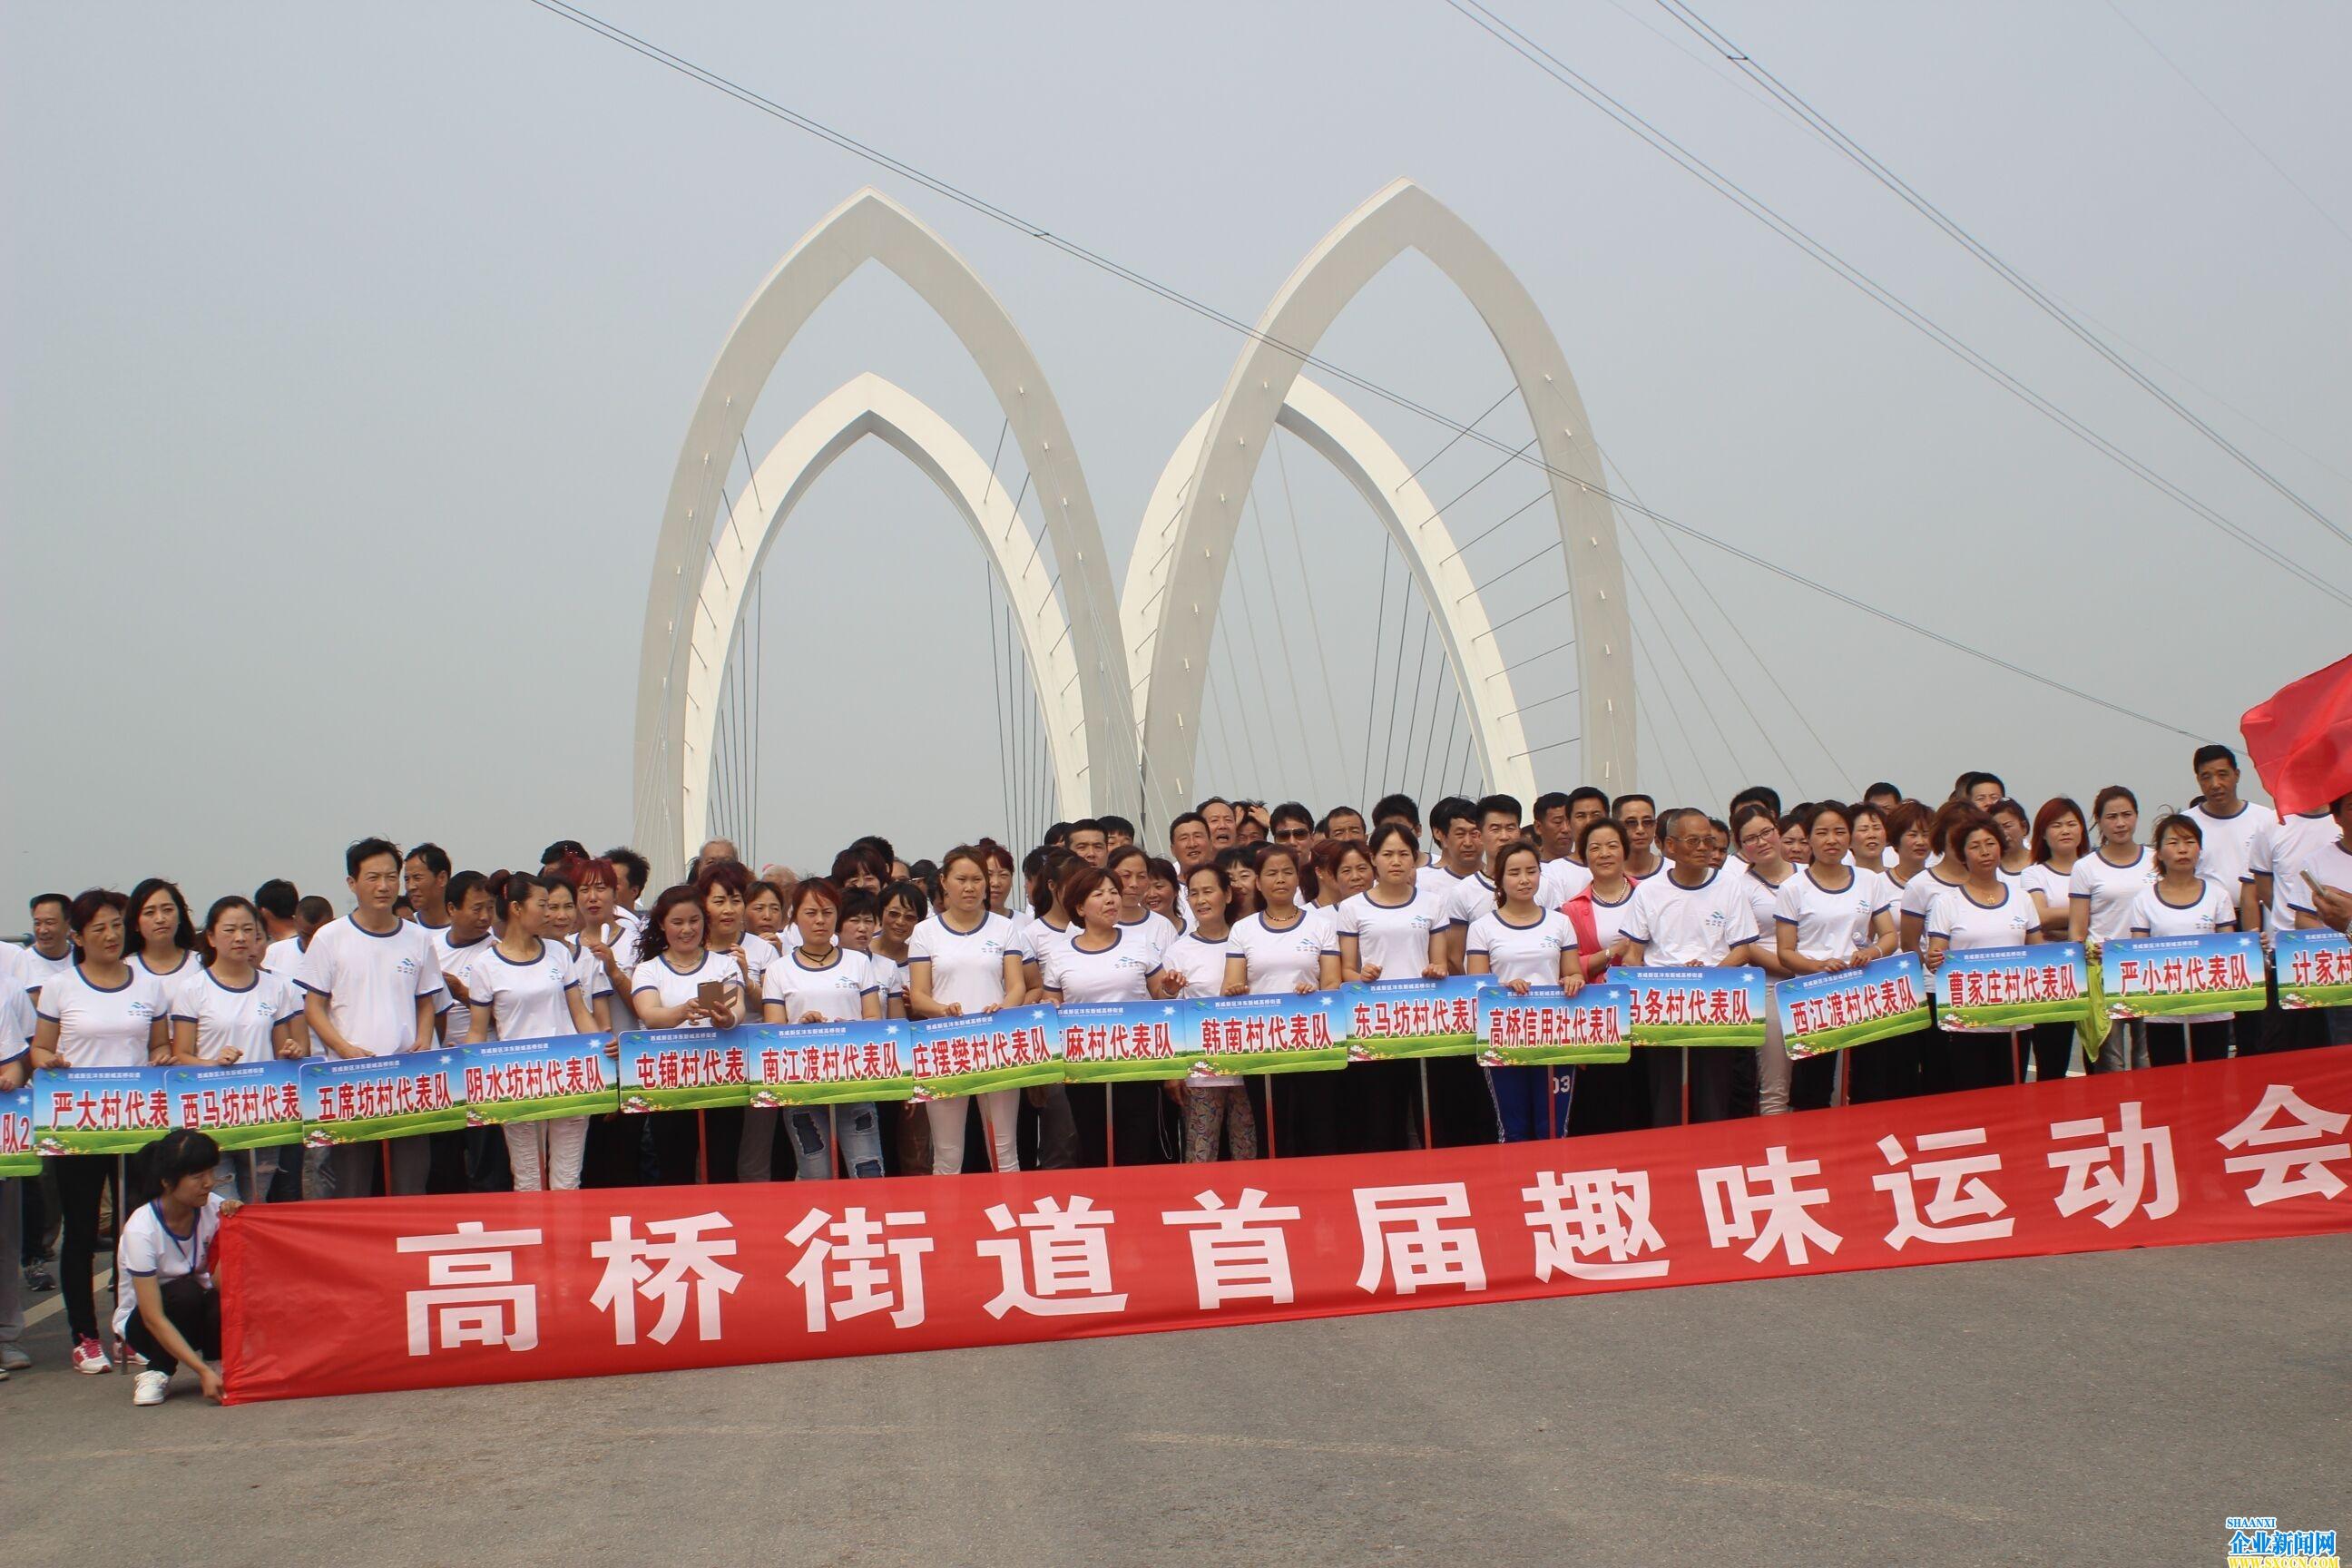 魅力沣东 高桥先行――沣东新城高桥街道办举办首届趣味运动会